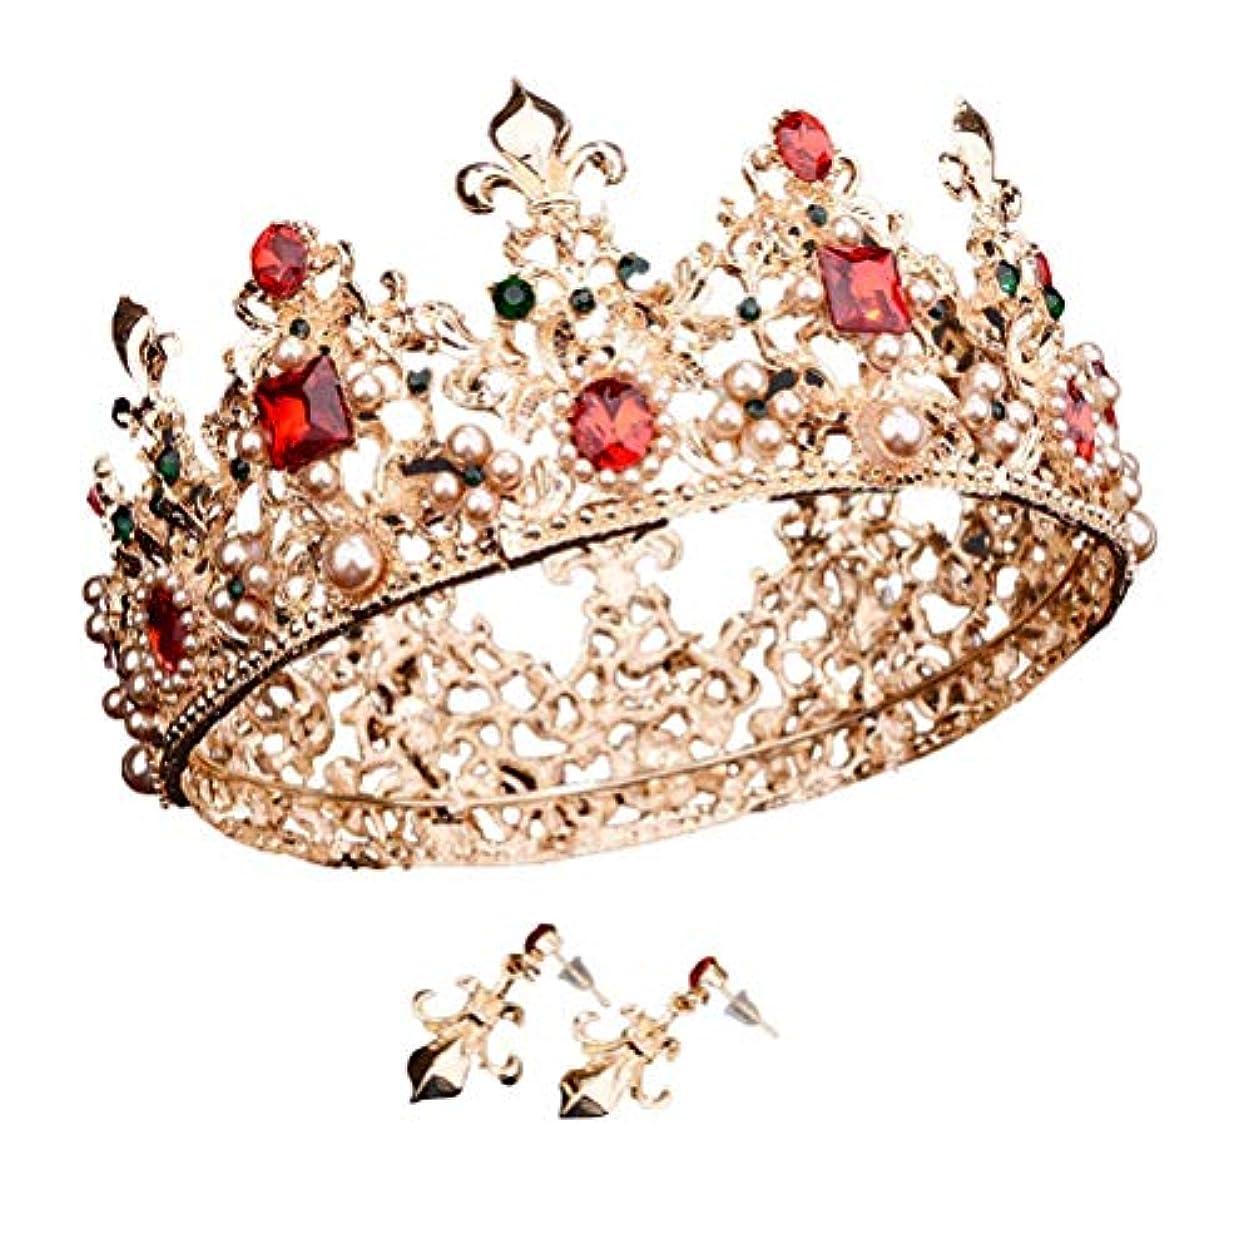 優れましたフィードオン悪行Beaupretty 女性のためのバロック女王クラウンラインストーンの結婚式の冠とティアライヤリング付きヘアアクセサリー結婚式のかぶと